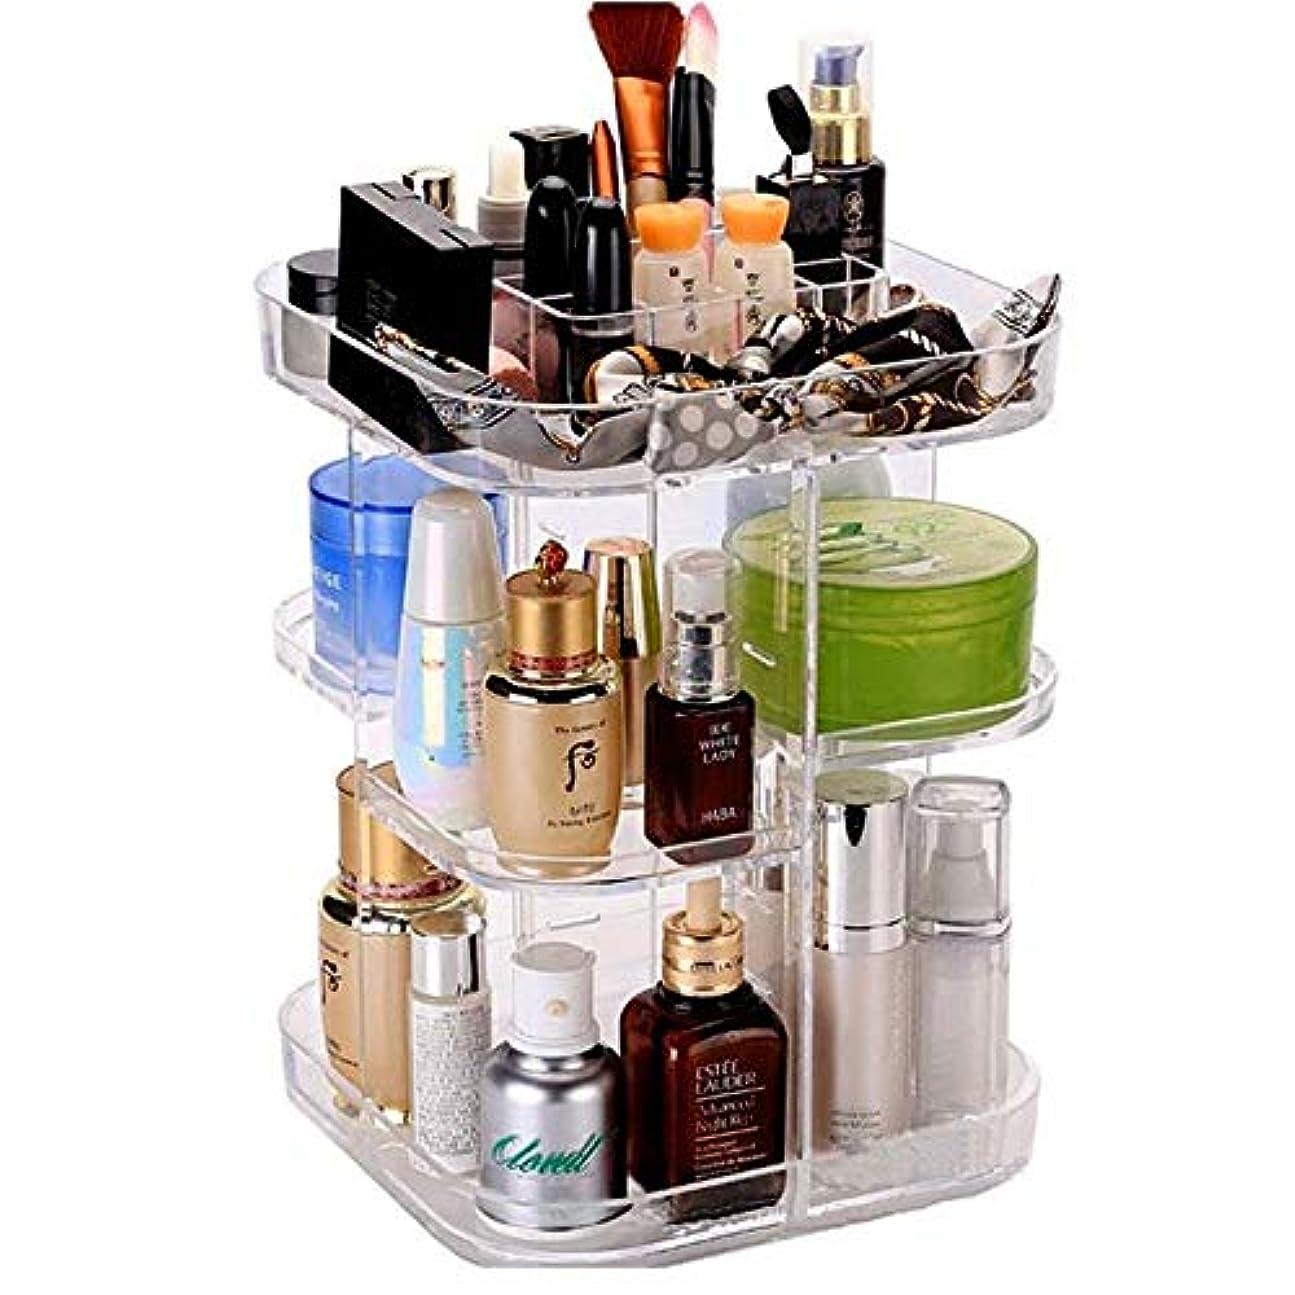 タフ散逸アドバイス整理簡単 シンプル回転化粧オーガナイザー360回転メイクアップ収納最大容量ディスプレイスタンドボックス用ドレッサー寝室の浴室 (Color : Clear, Size : 22*22*32CM)